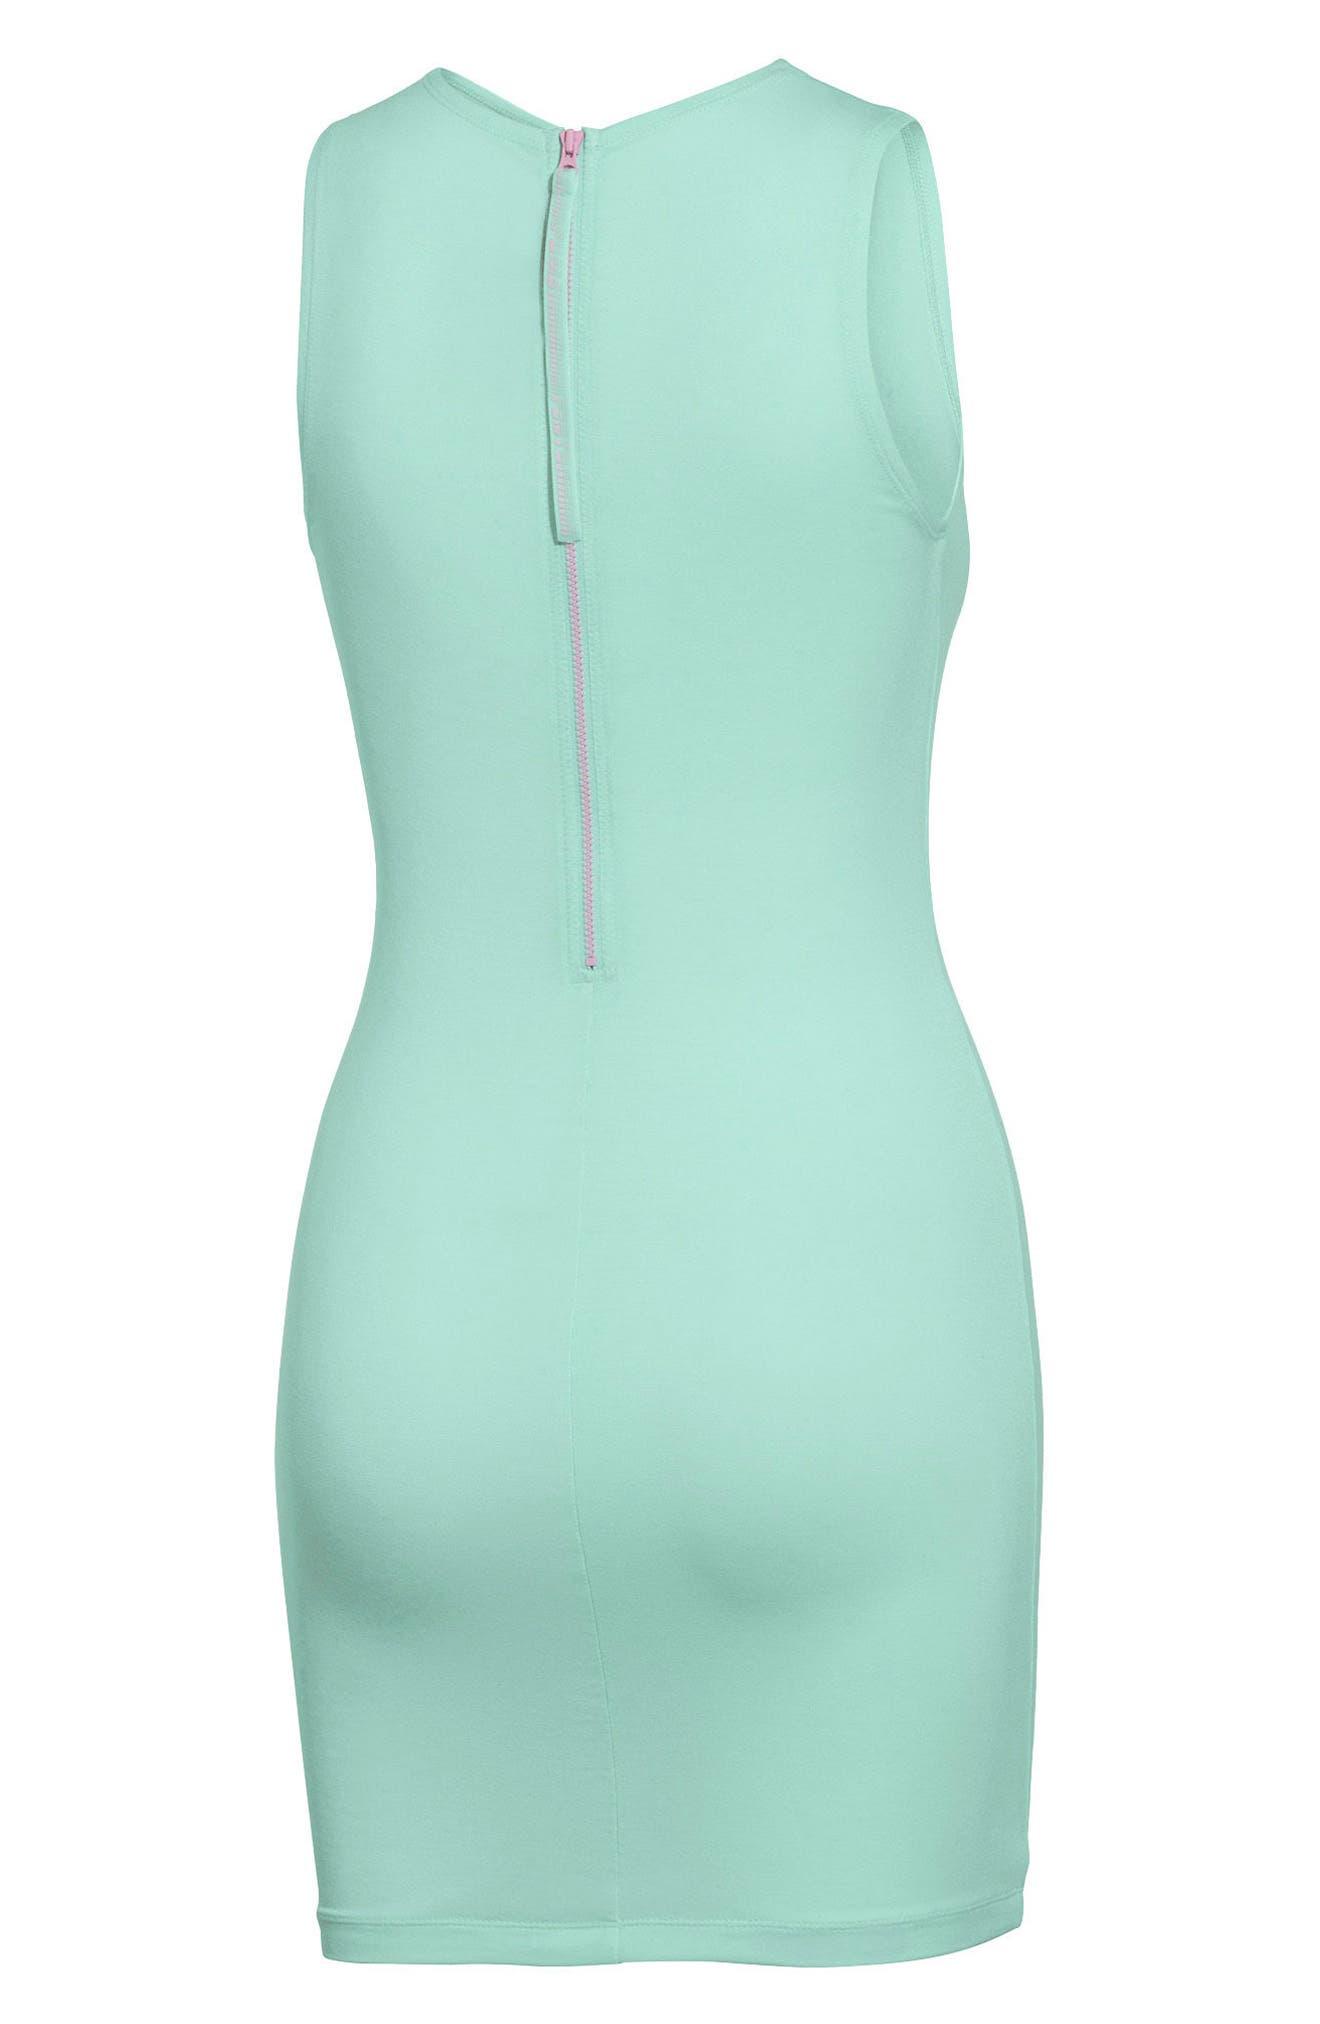 PUMA by Rihanna Body-Con Dress,                             Alternate thumbnail 2, color,                             Bay